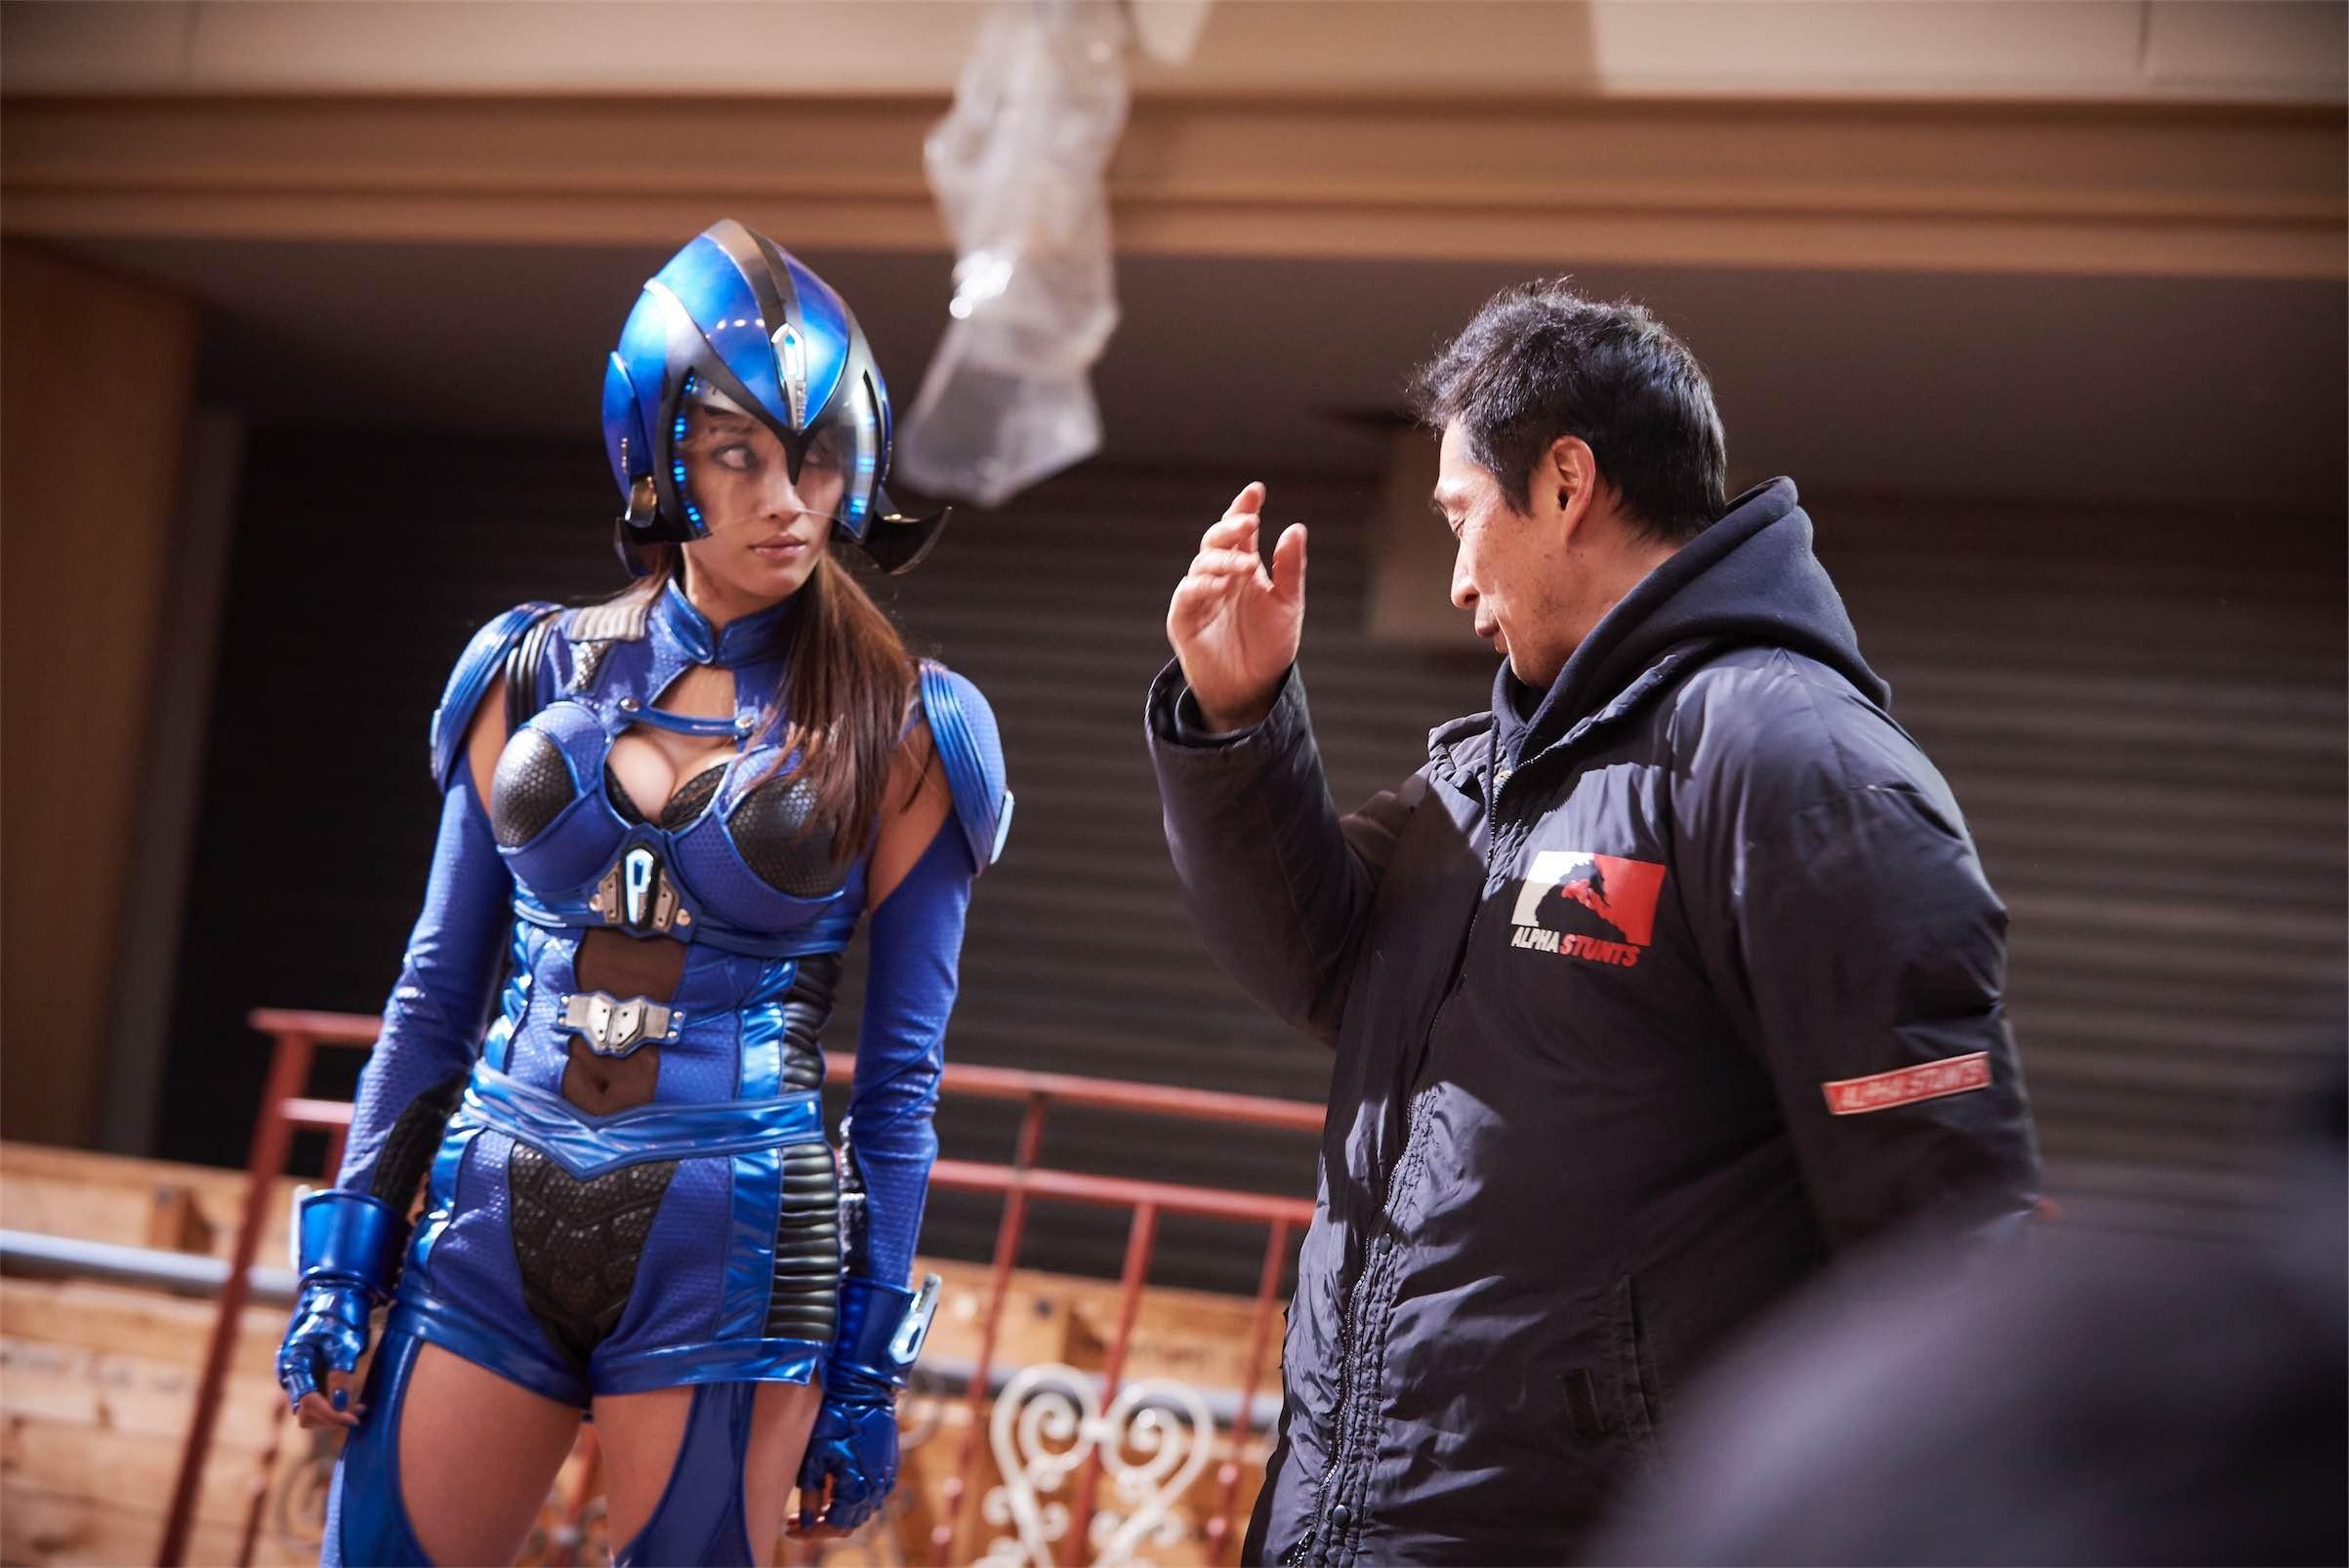 『破裏拳ポリマー』撮影現場で、原幹恵を演出する坂本監督。原は数々の坂本作品に出演している